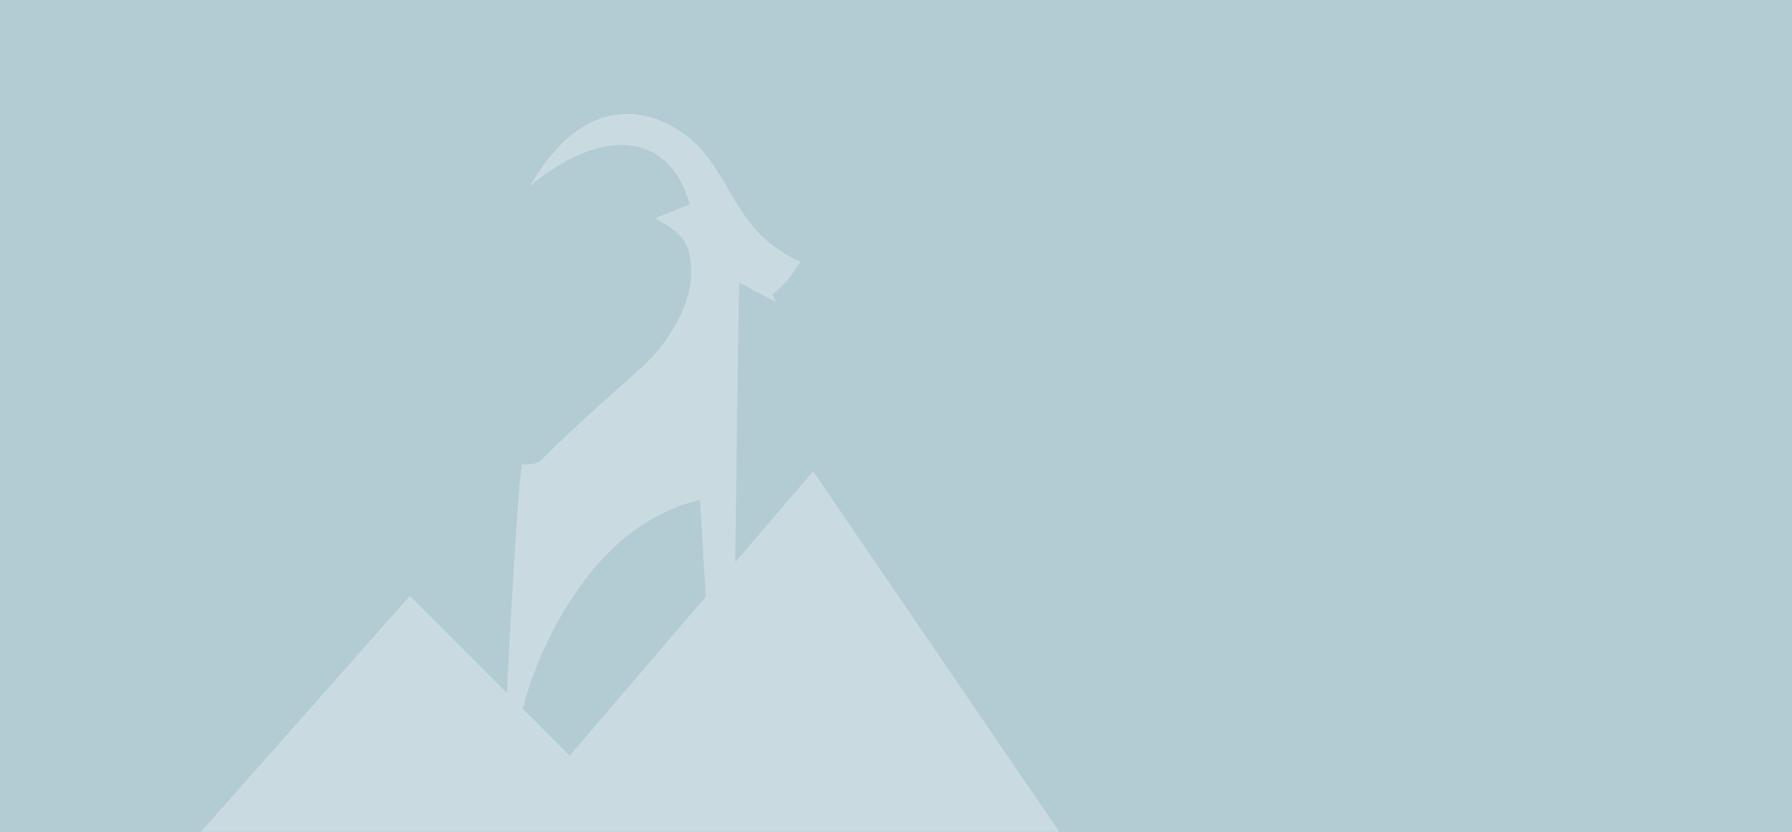 Pralognan - No image